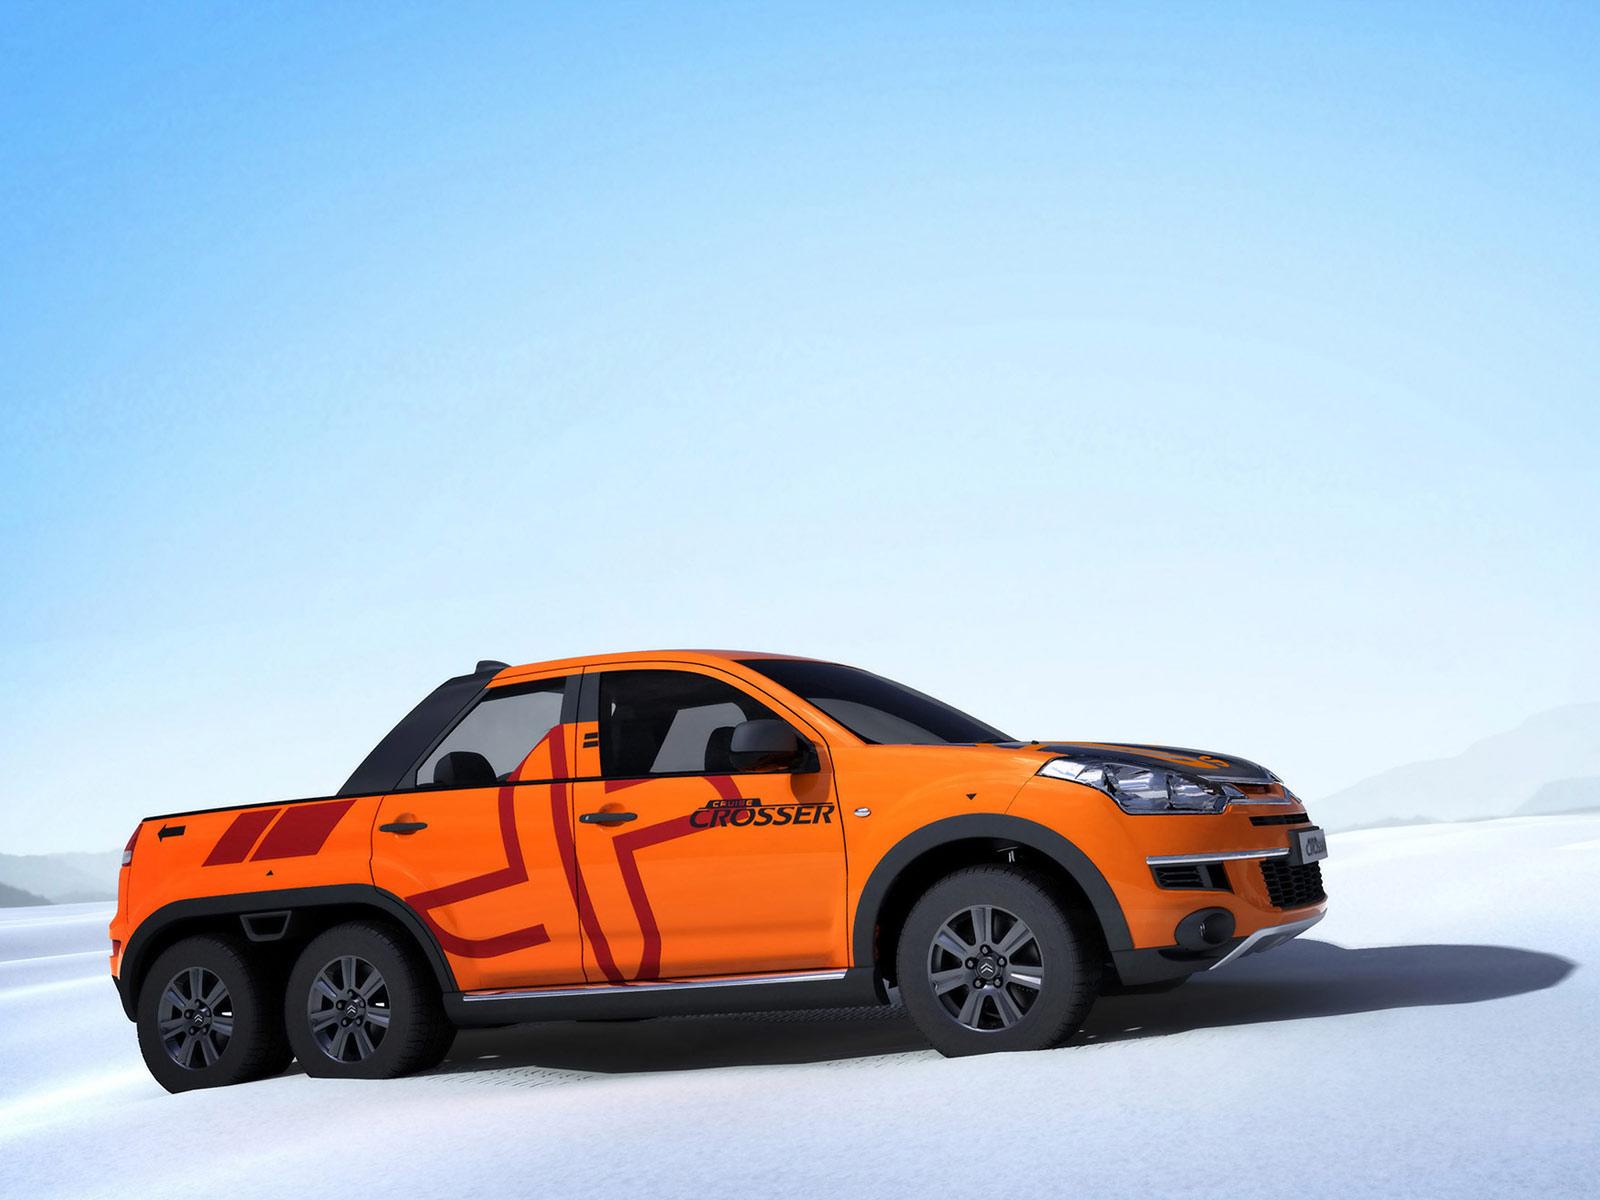 Sbarro Citroen Cruise Crosser Suv Pickup Truck Concept S